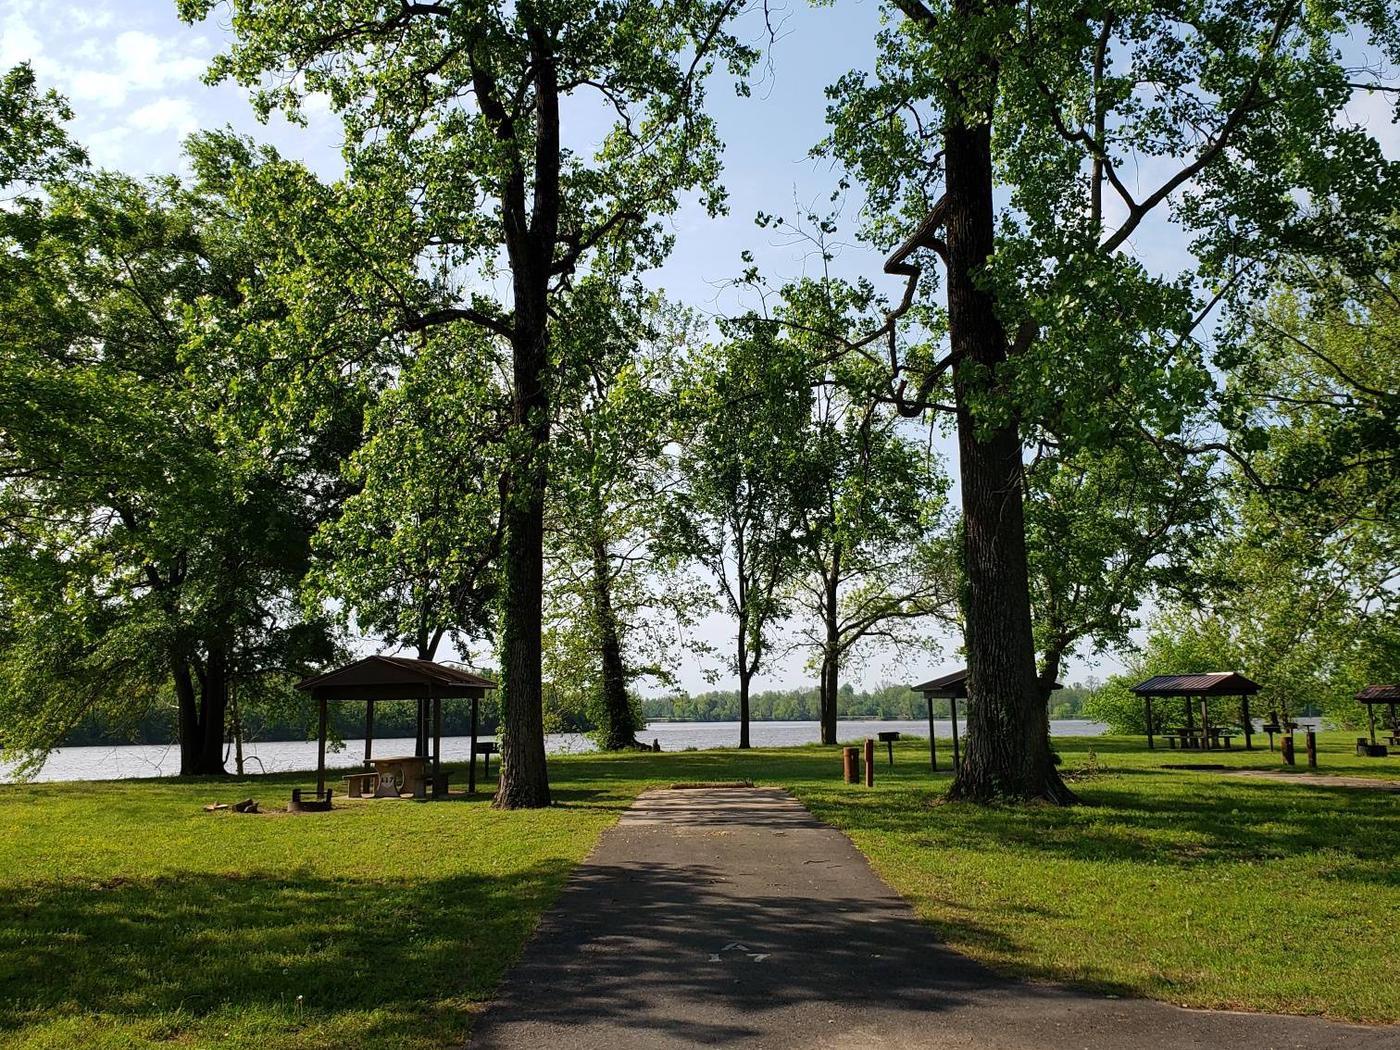 Campsite A17Back-in site